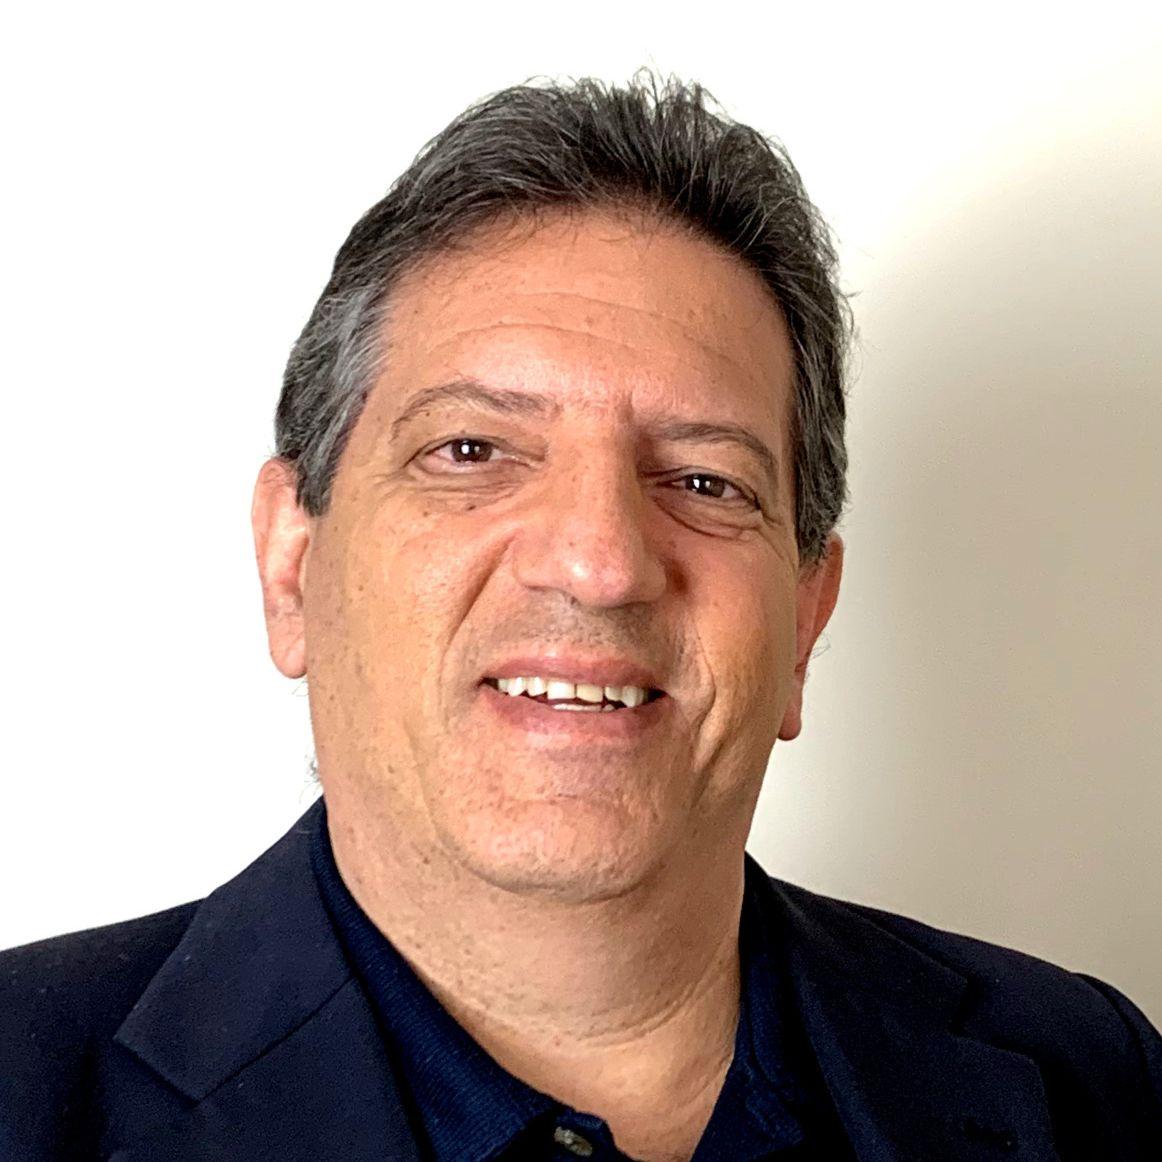 Rubens Pagan De Lara